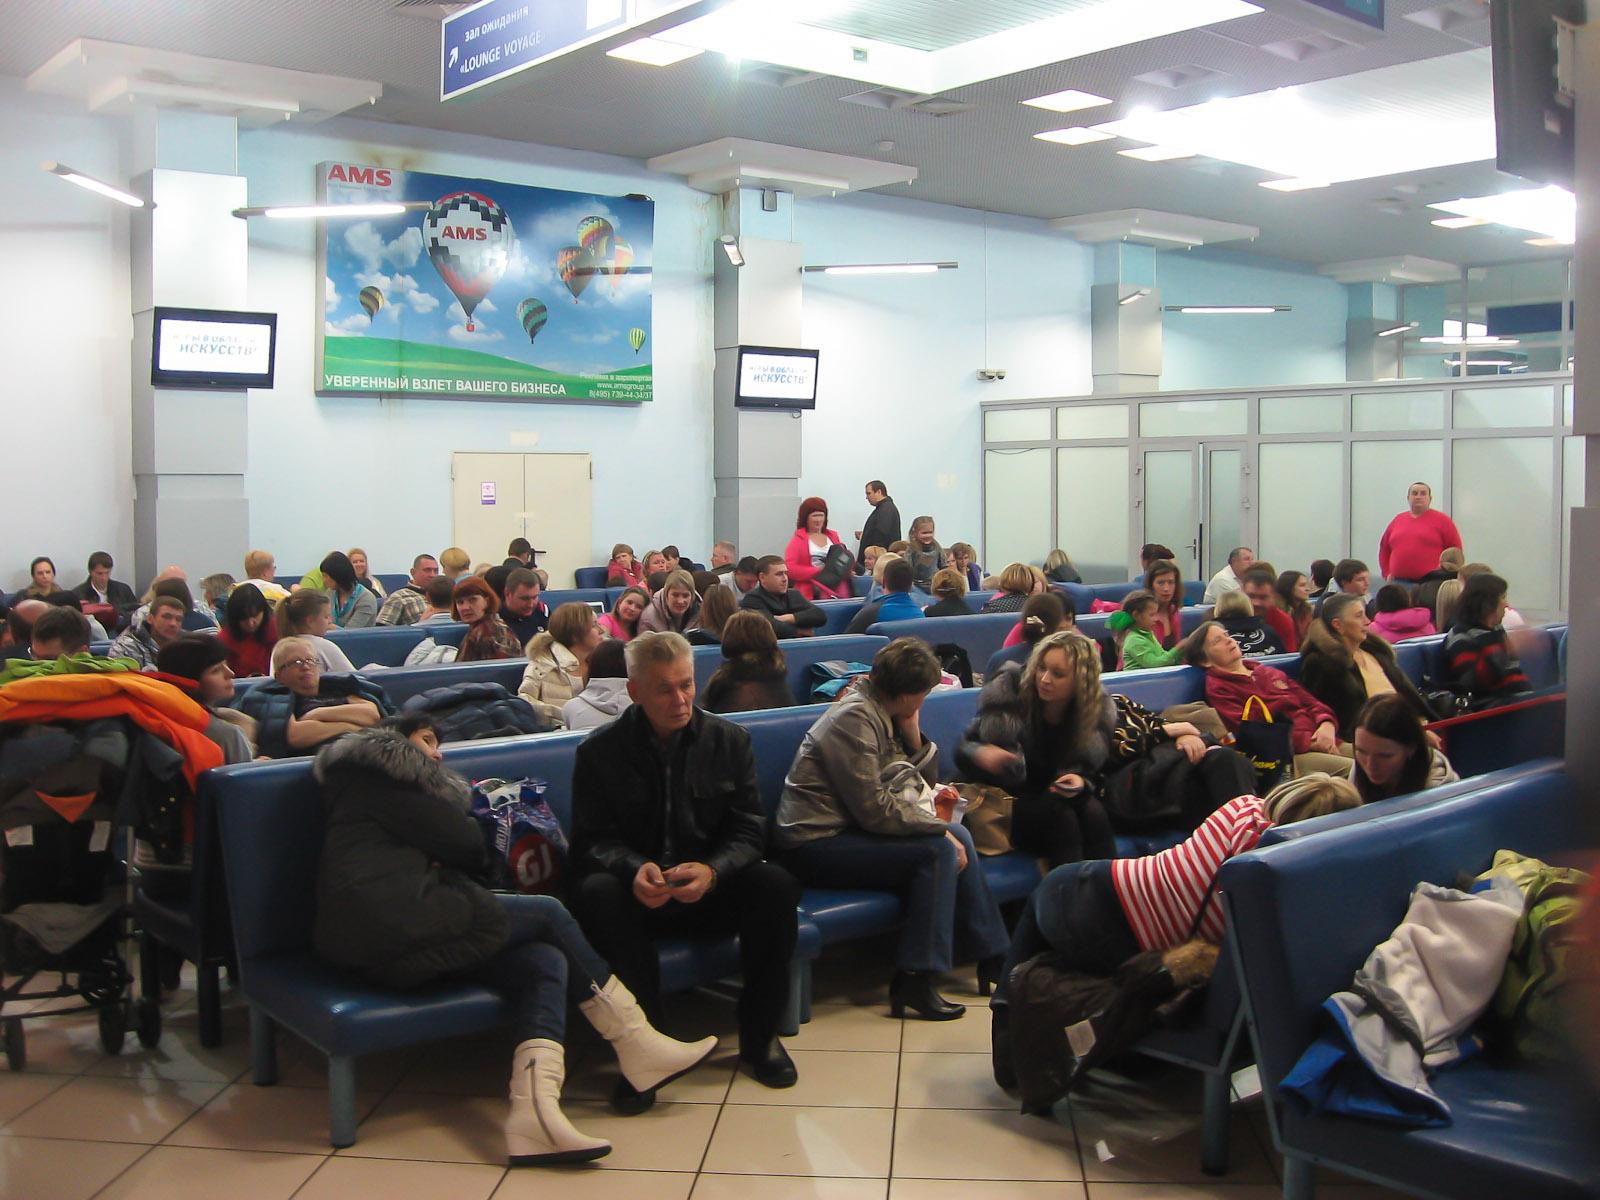 Зал ожидания в Терминале 2 аэропорта Красноярск Емельяново